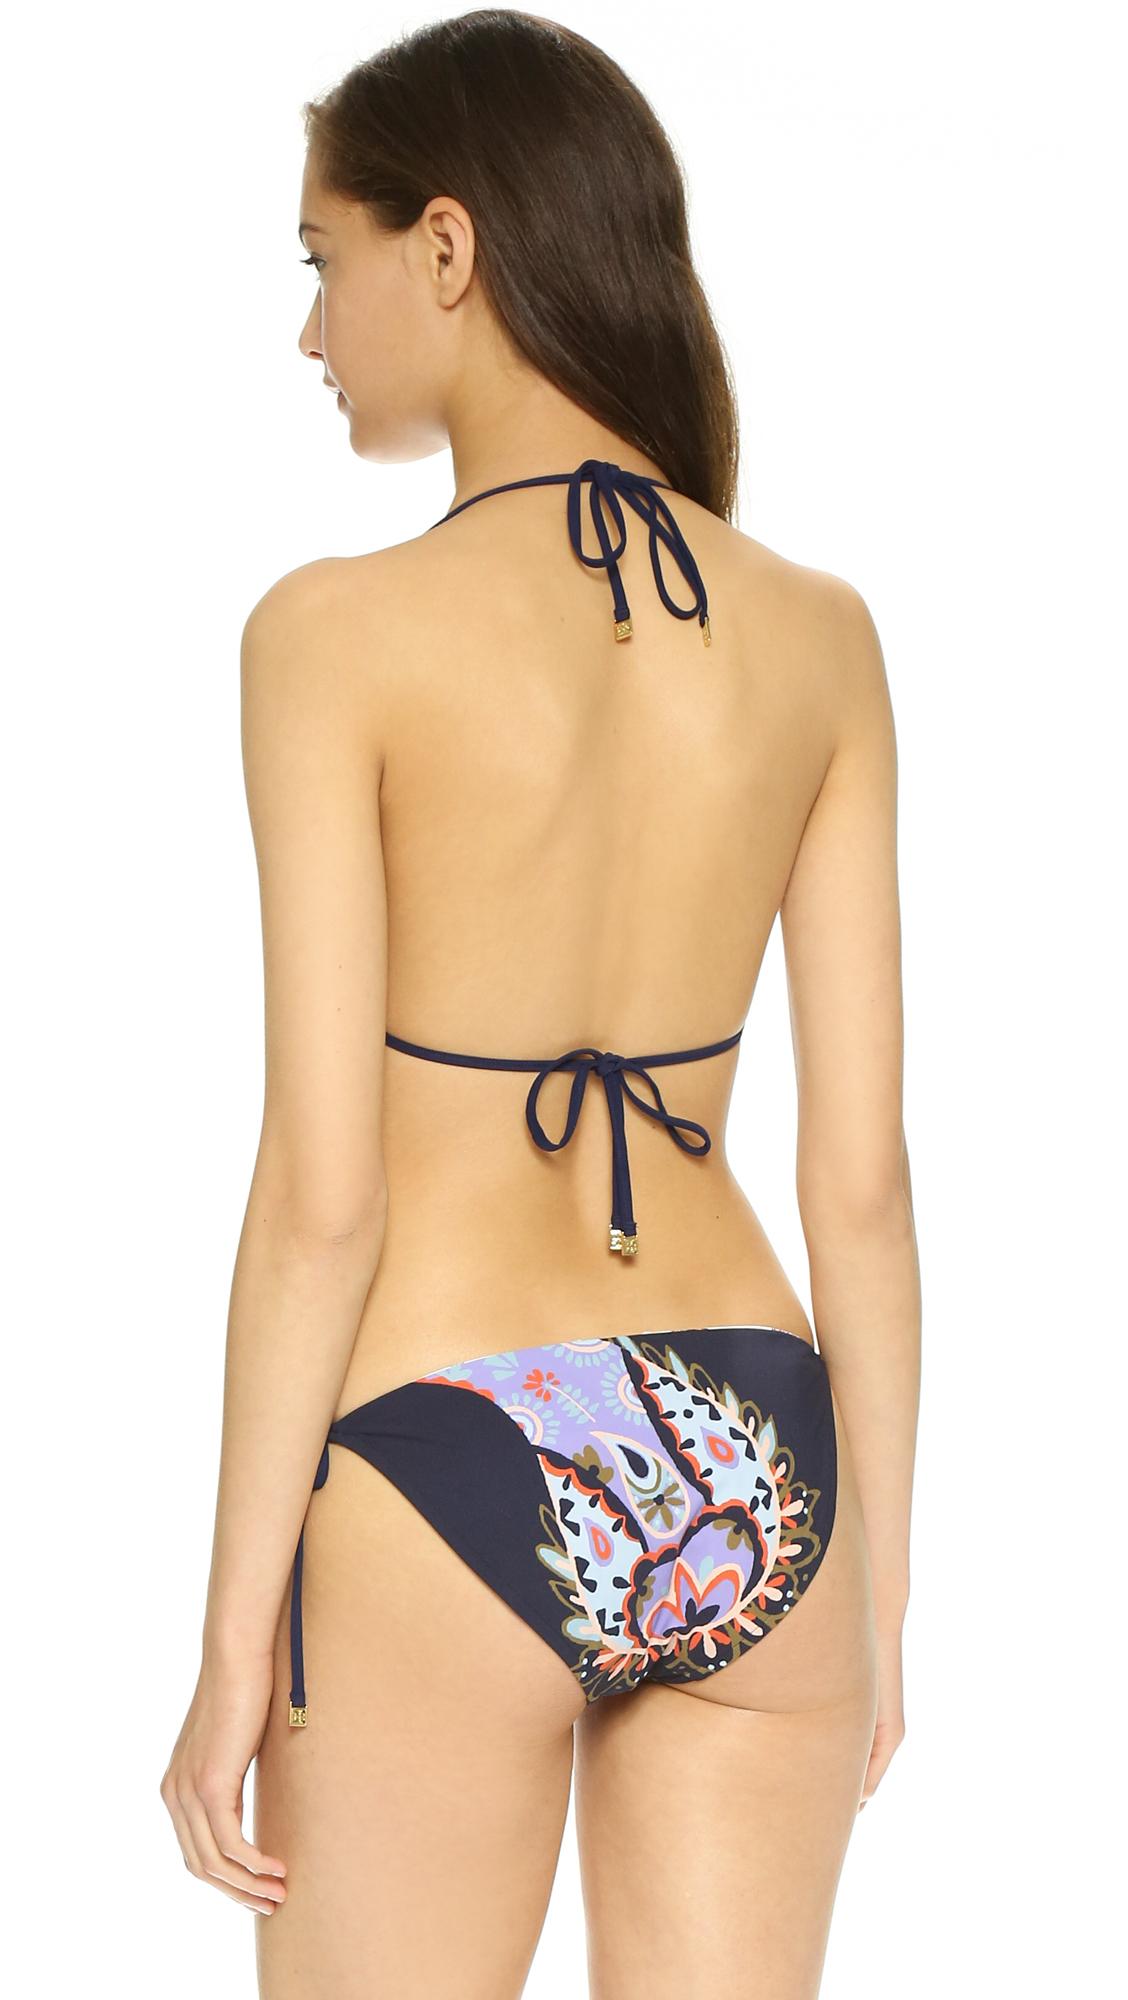 Bikini girl in skimpy